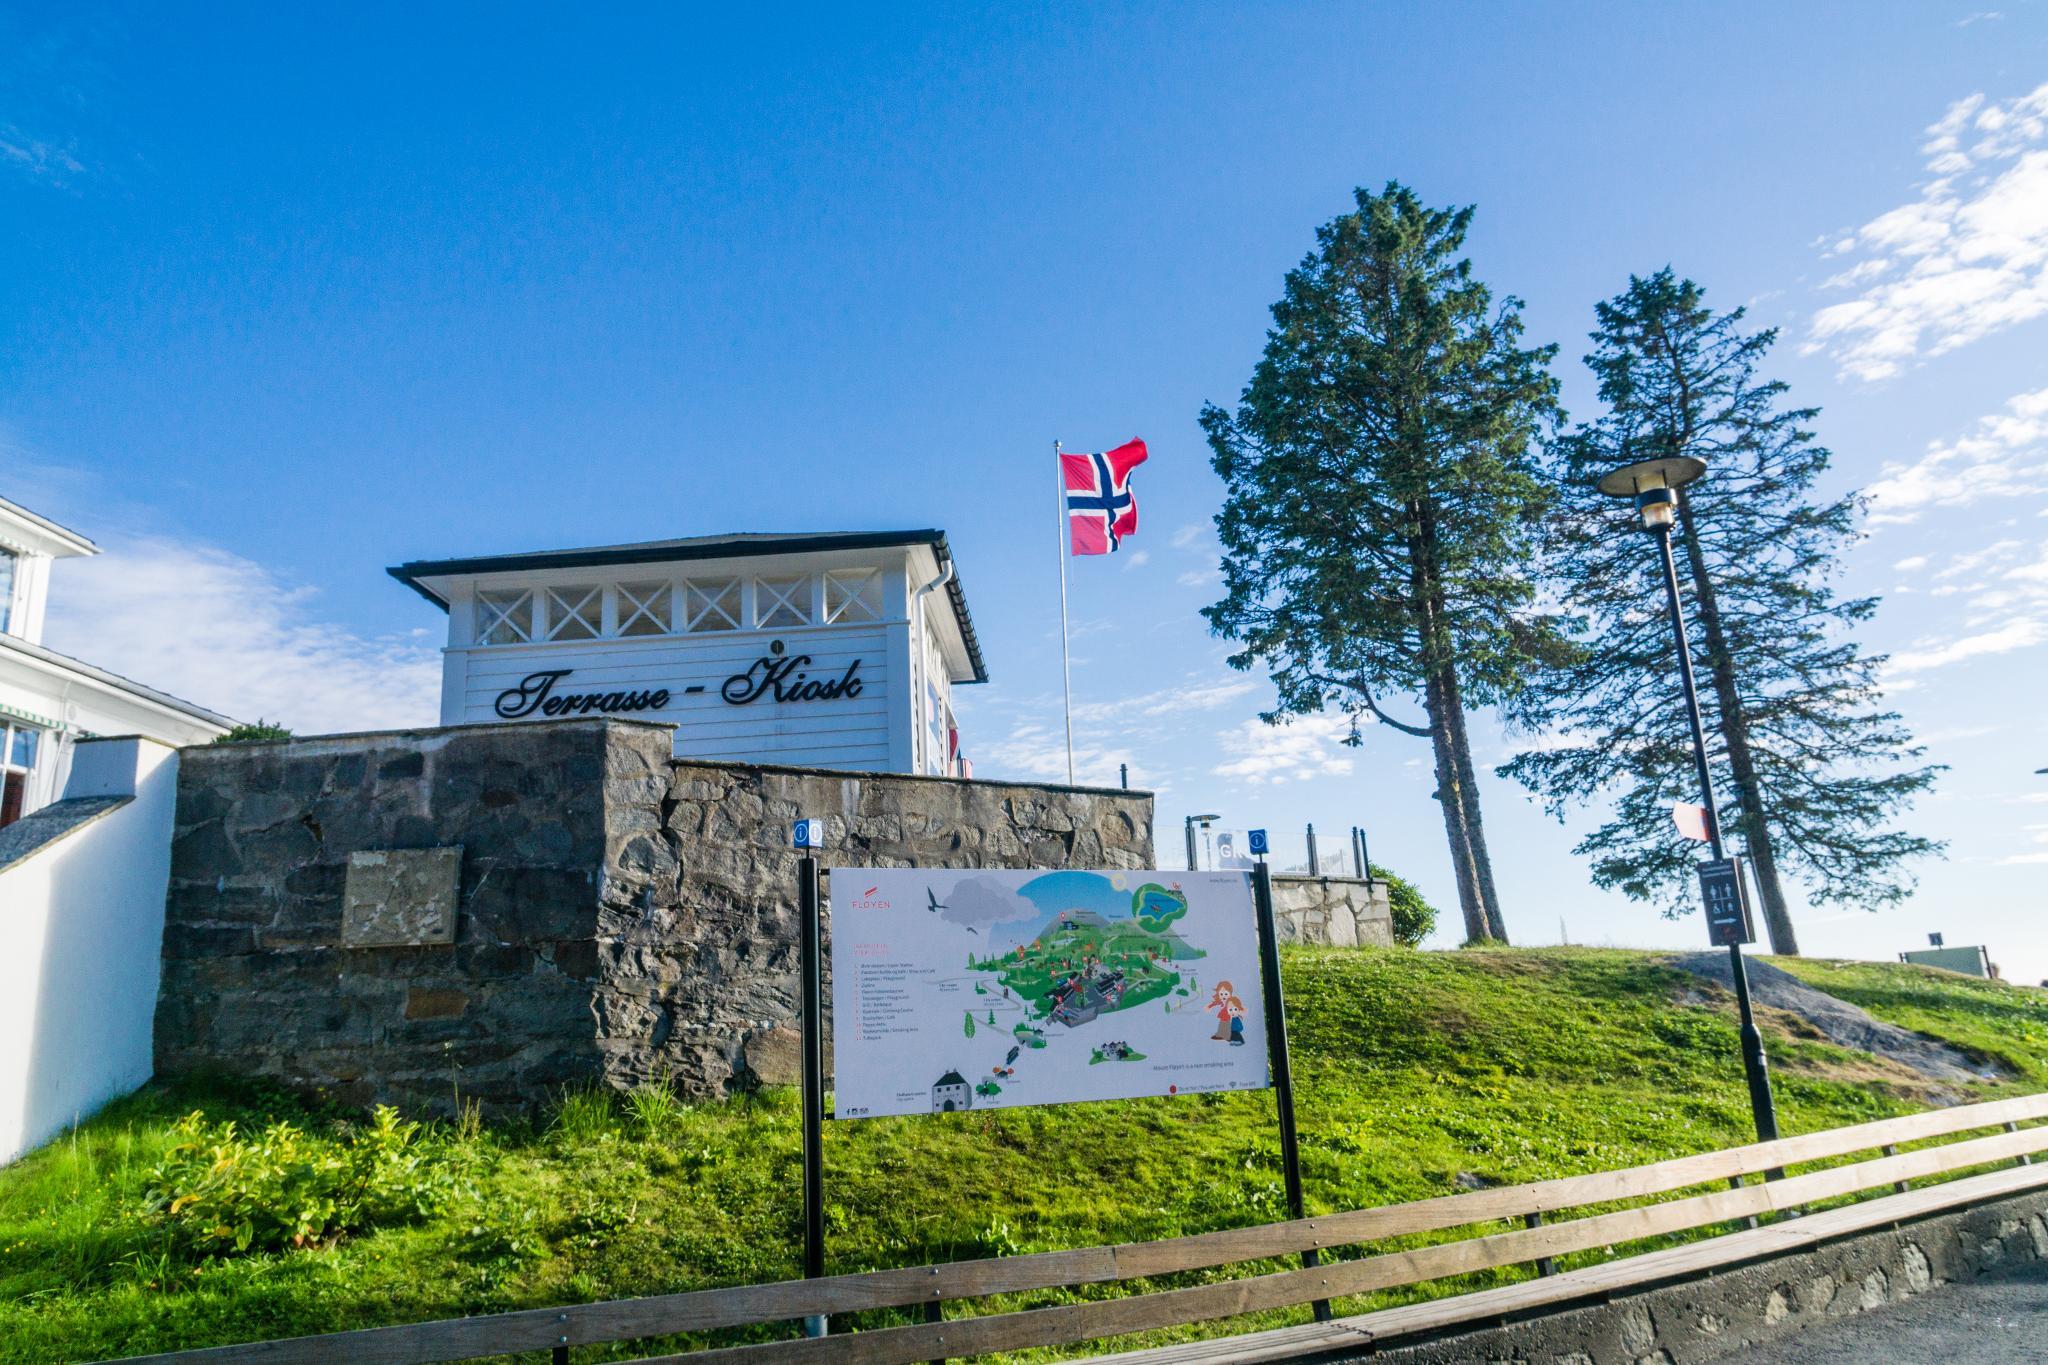 【卑爾根】Fløyen 佛洛伊恩山纜車與觀景台 — 擁抱文化港都的百萬美景 88